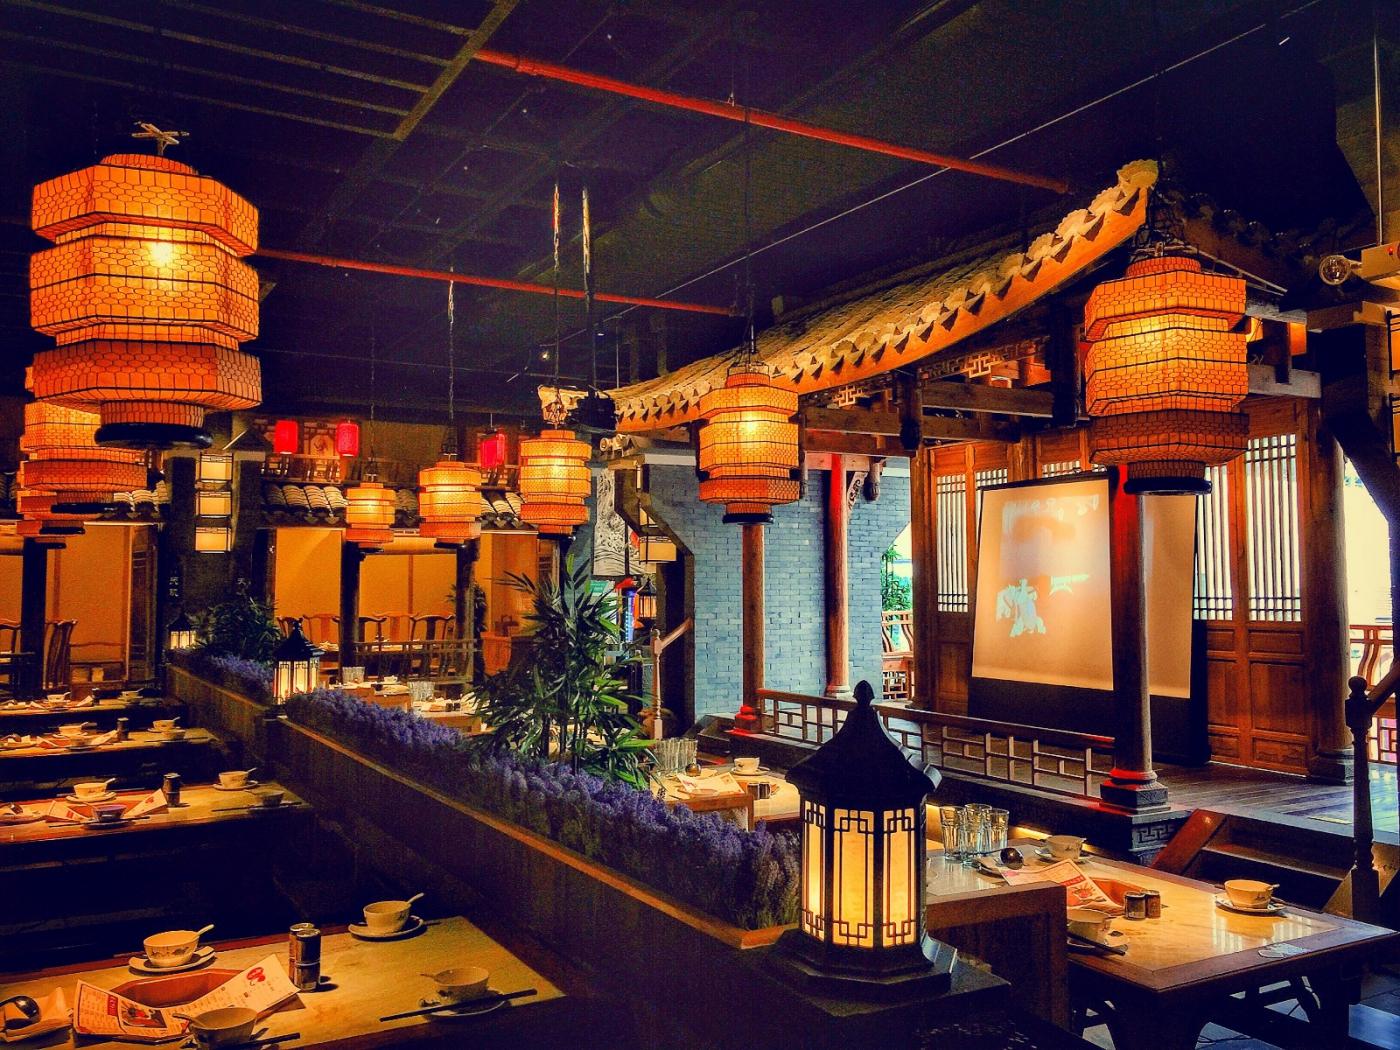 【盲流摄影】纽约法拉盛的中餐馆品味在提升-手机摄影_图1-1